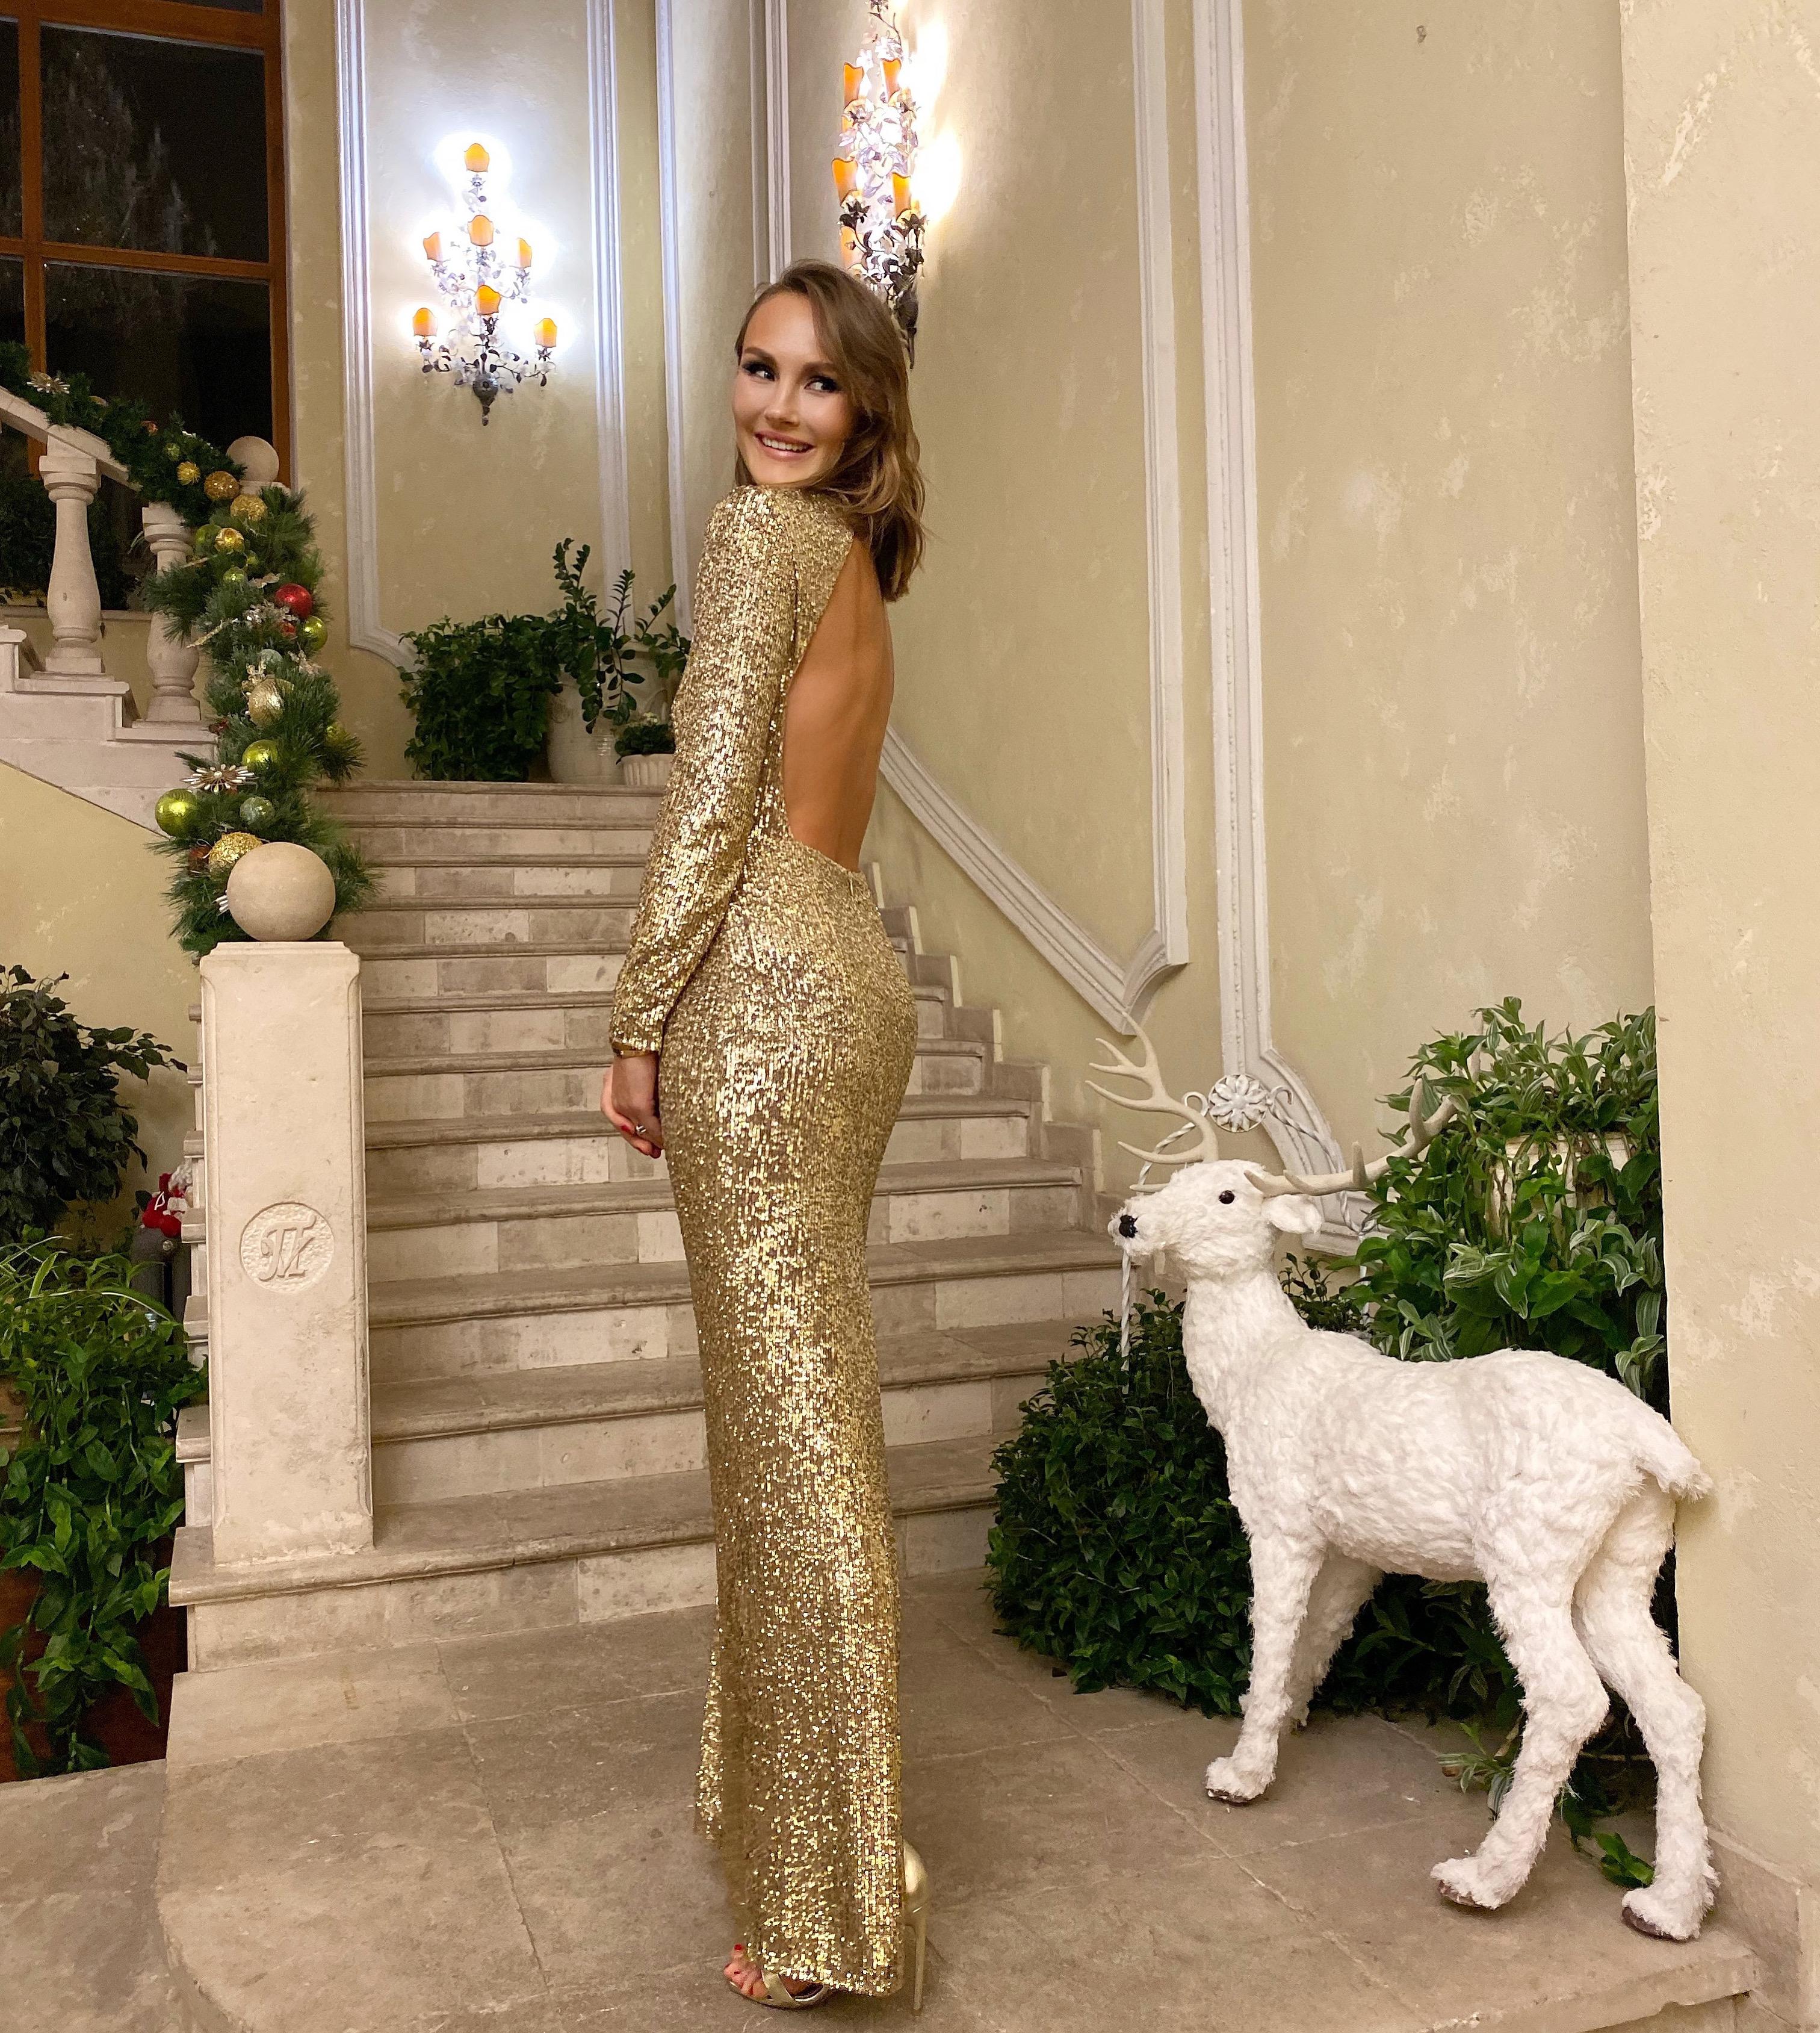 Маргарита Лиева в платье A LA RUSSE by Anastasia Romantsova из коллекции FW19 на благотворительном аукционе Action